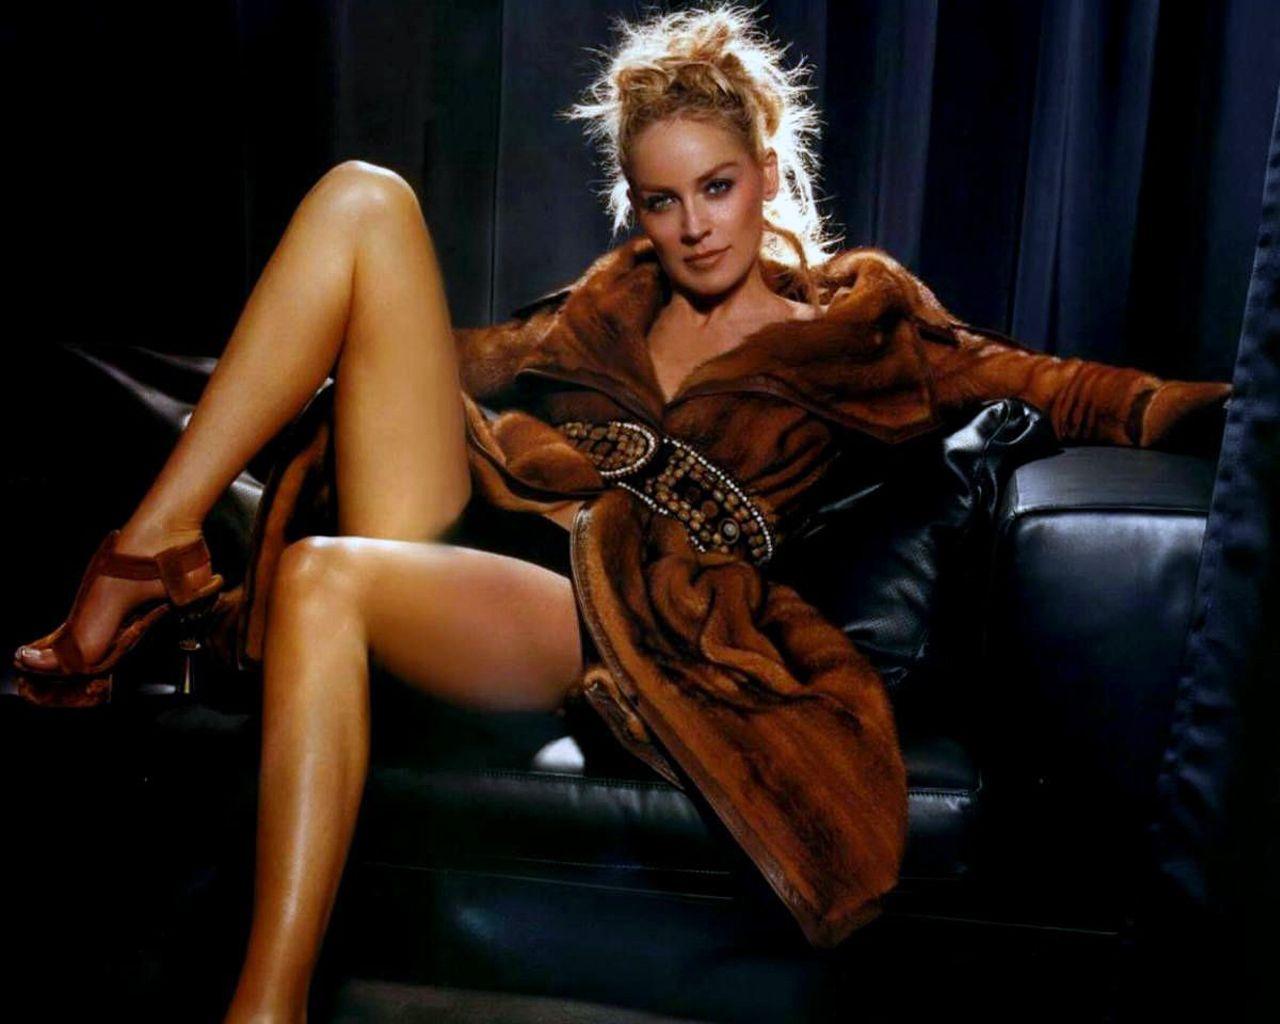 Celebrity Hot Image: Sharon Stone